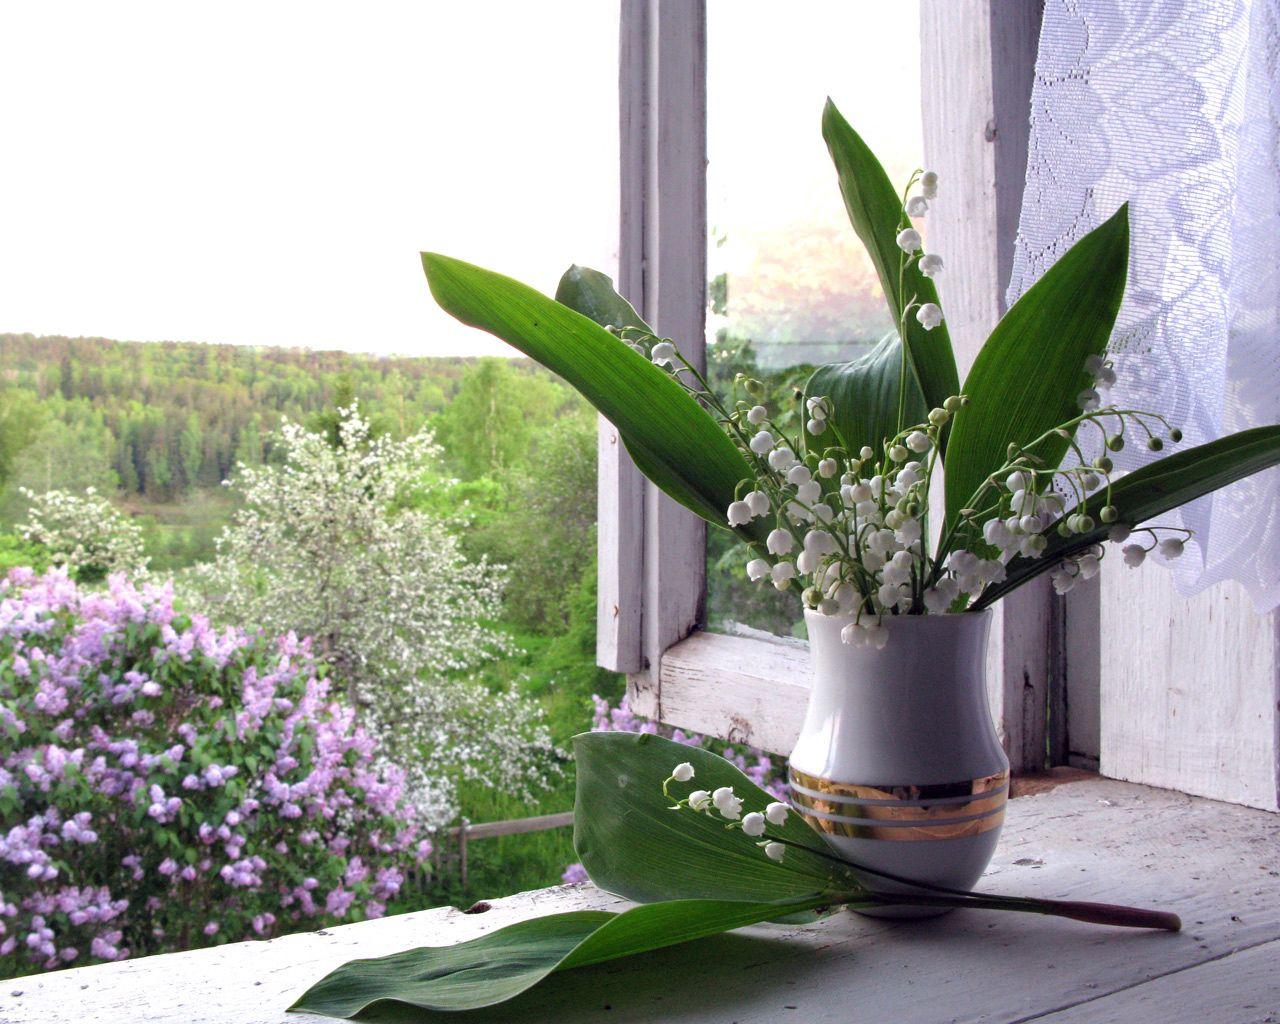 72121 Hintergrundbild herunterladen Blumen, Lilac, Maiglöckchen, Fenster, Vase, Fensterbrett, Fensterbank, Frühling - Bildschirmschoner und Bilder kostenlos